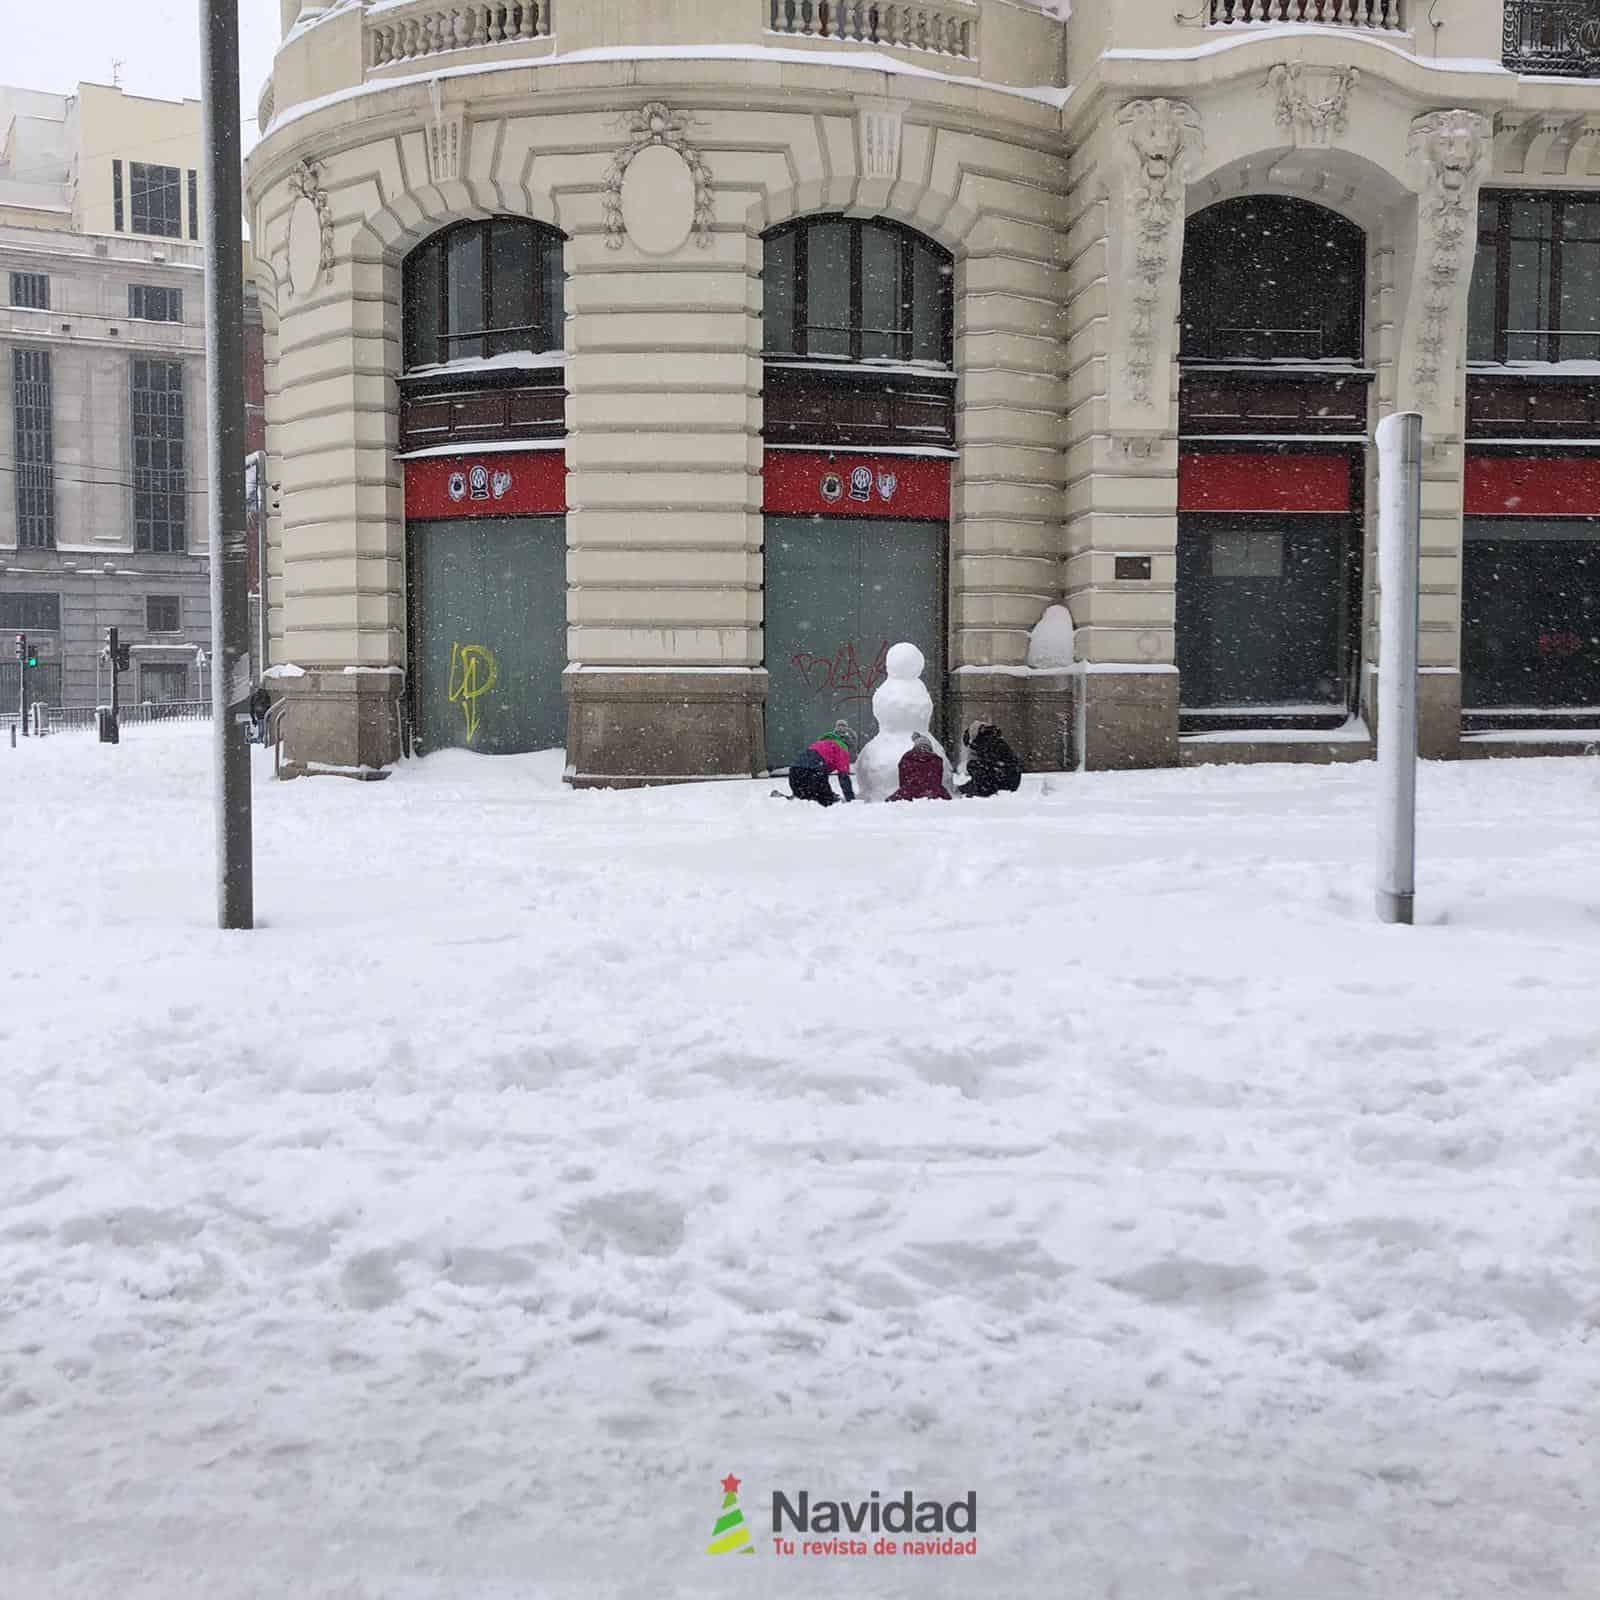 Fotografías de la nevada de enero en Madrid (España) 192